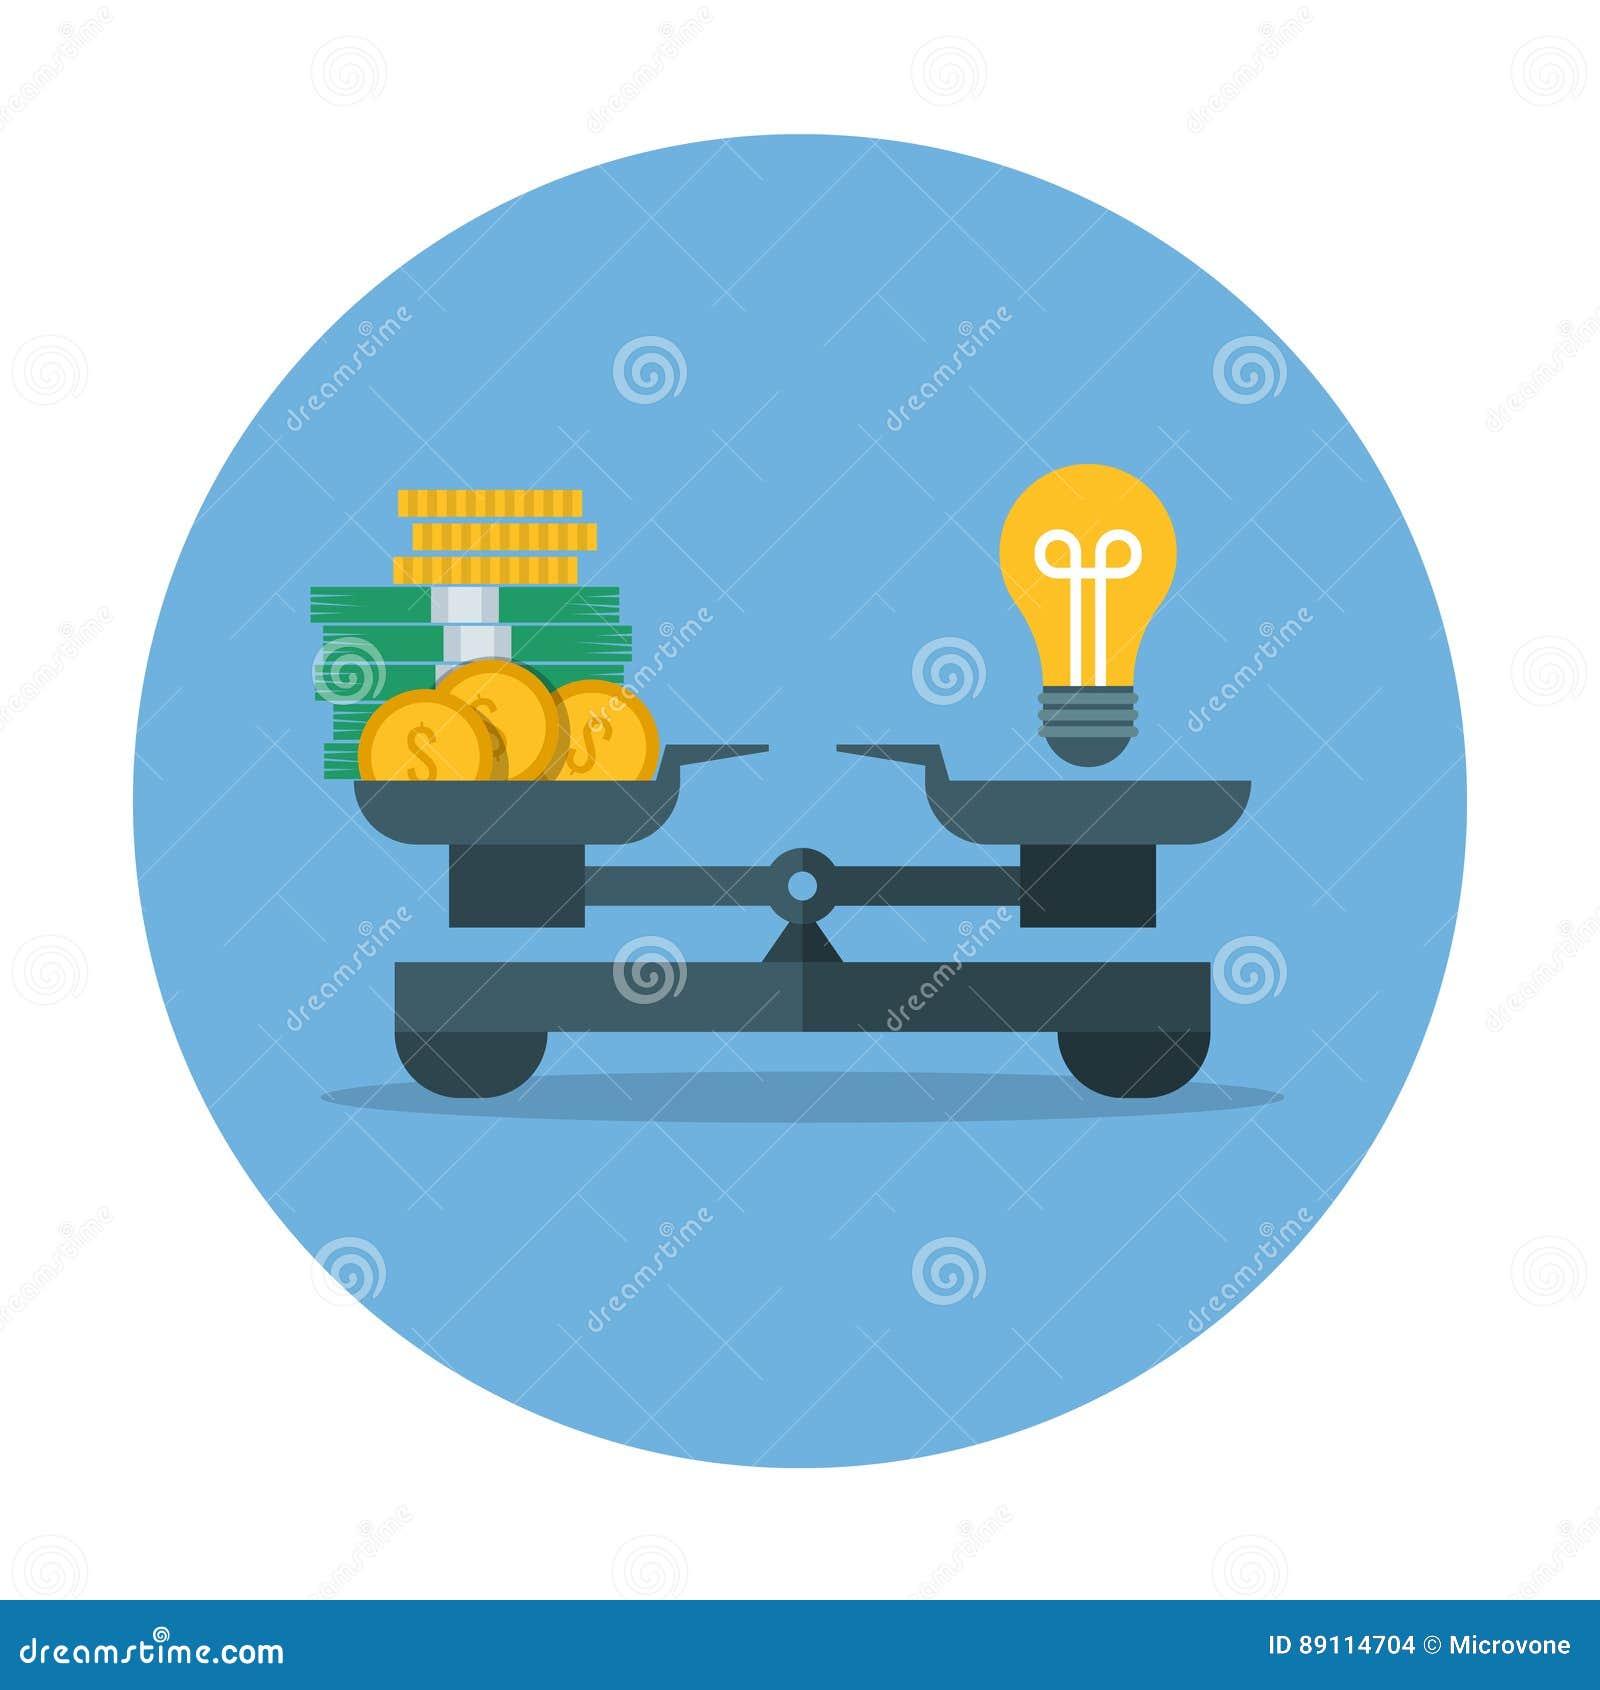 Σύγκριση της αξίας χρημάτων και της ιδέας, διανυσματική έννοια επιχειρησιακής μέτρησης